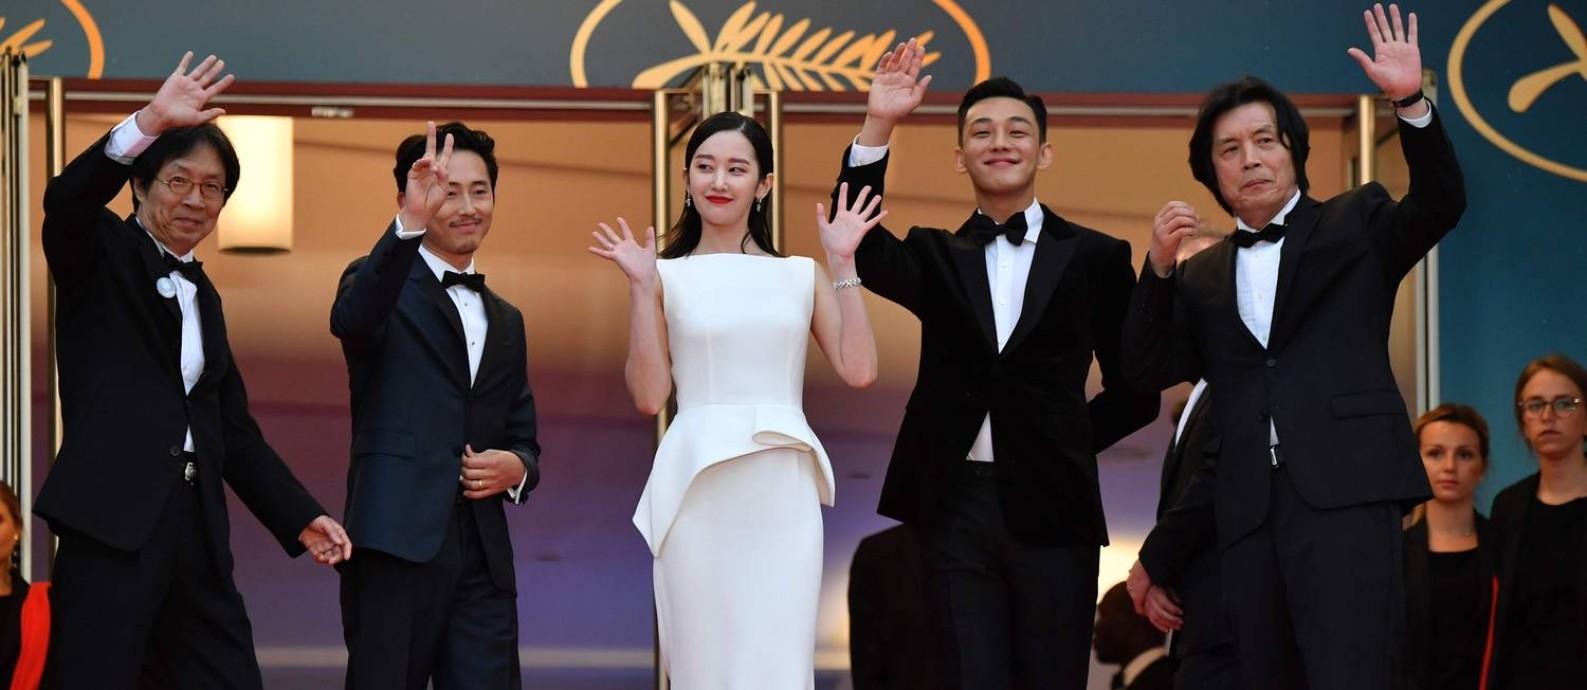 O diretor sul-coreano Lee Chang-Dong (o último à dir.) com o elenco de 'Burning' no Festival de Cannes Foto: ALBERTO PIZZOLI / AFP